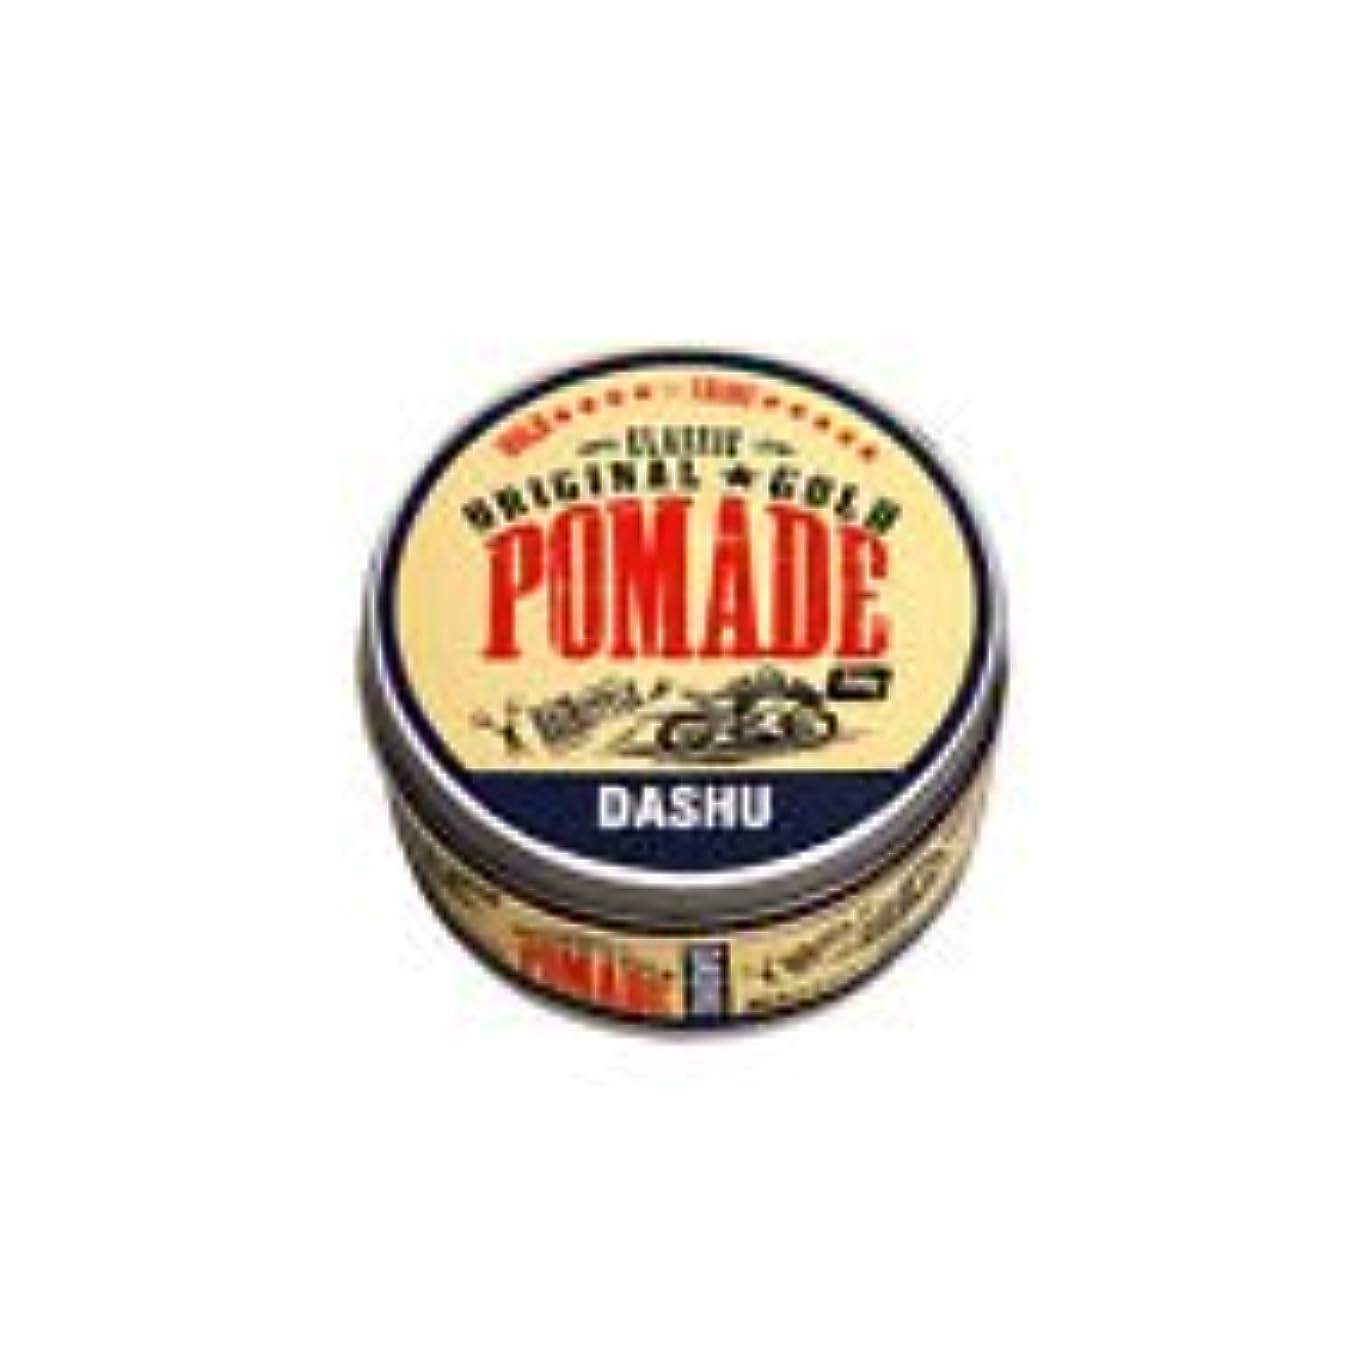 混乱させるうなり声破滅的な[DASHU] ダシュ クラシックオリジナルゴールドポマードヘアワックス Classic Original Gold Pomade Hair Wax 100ml / 韓国製 . 韓国直送品